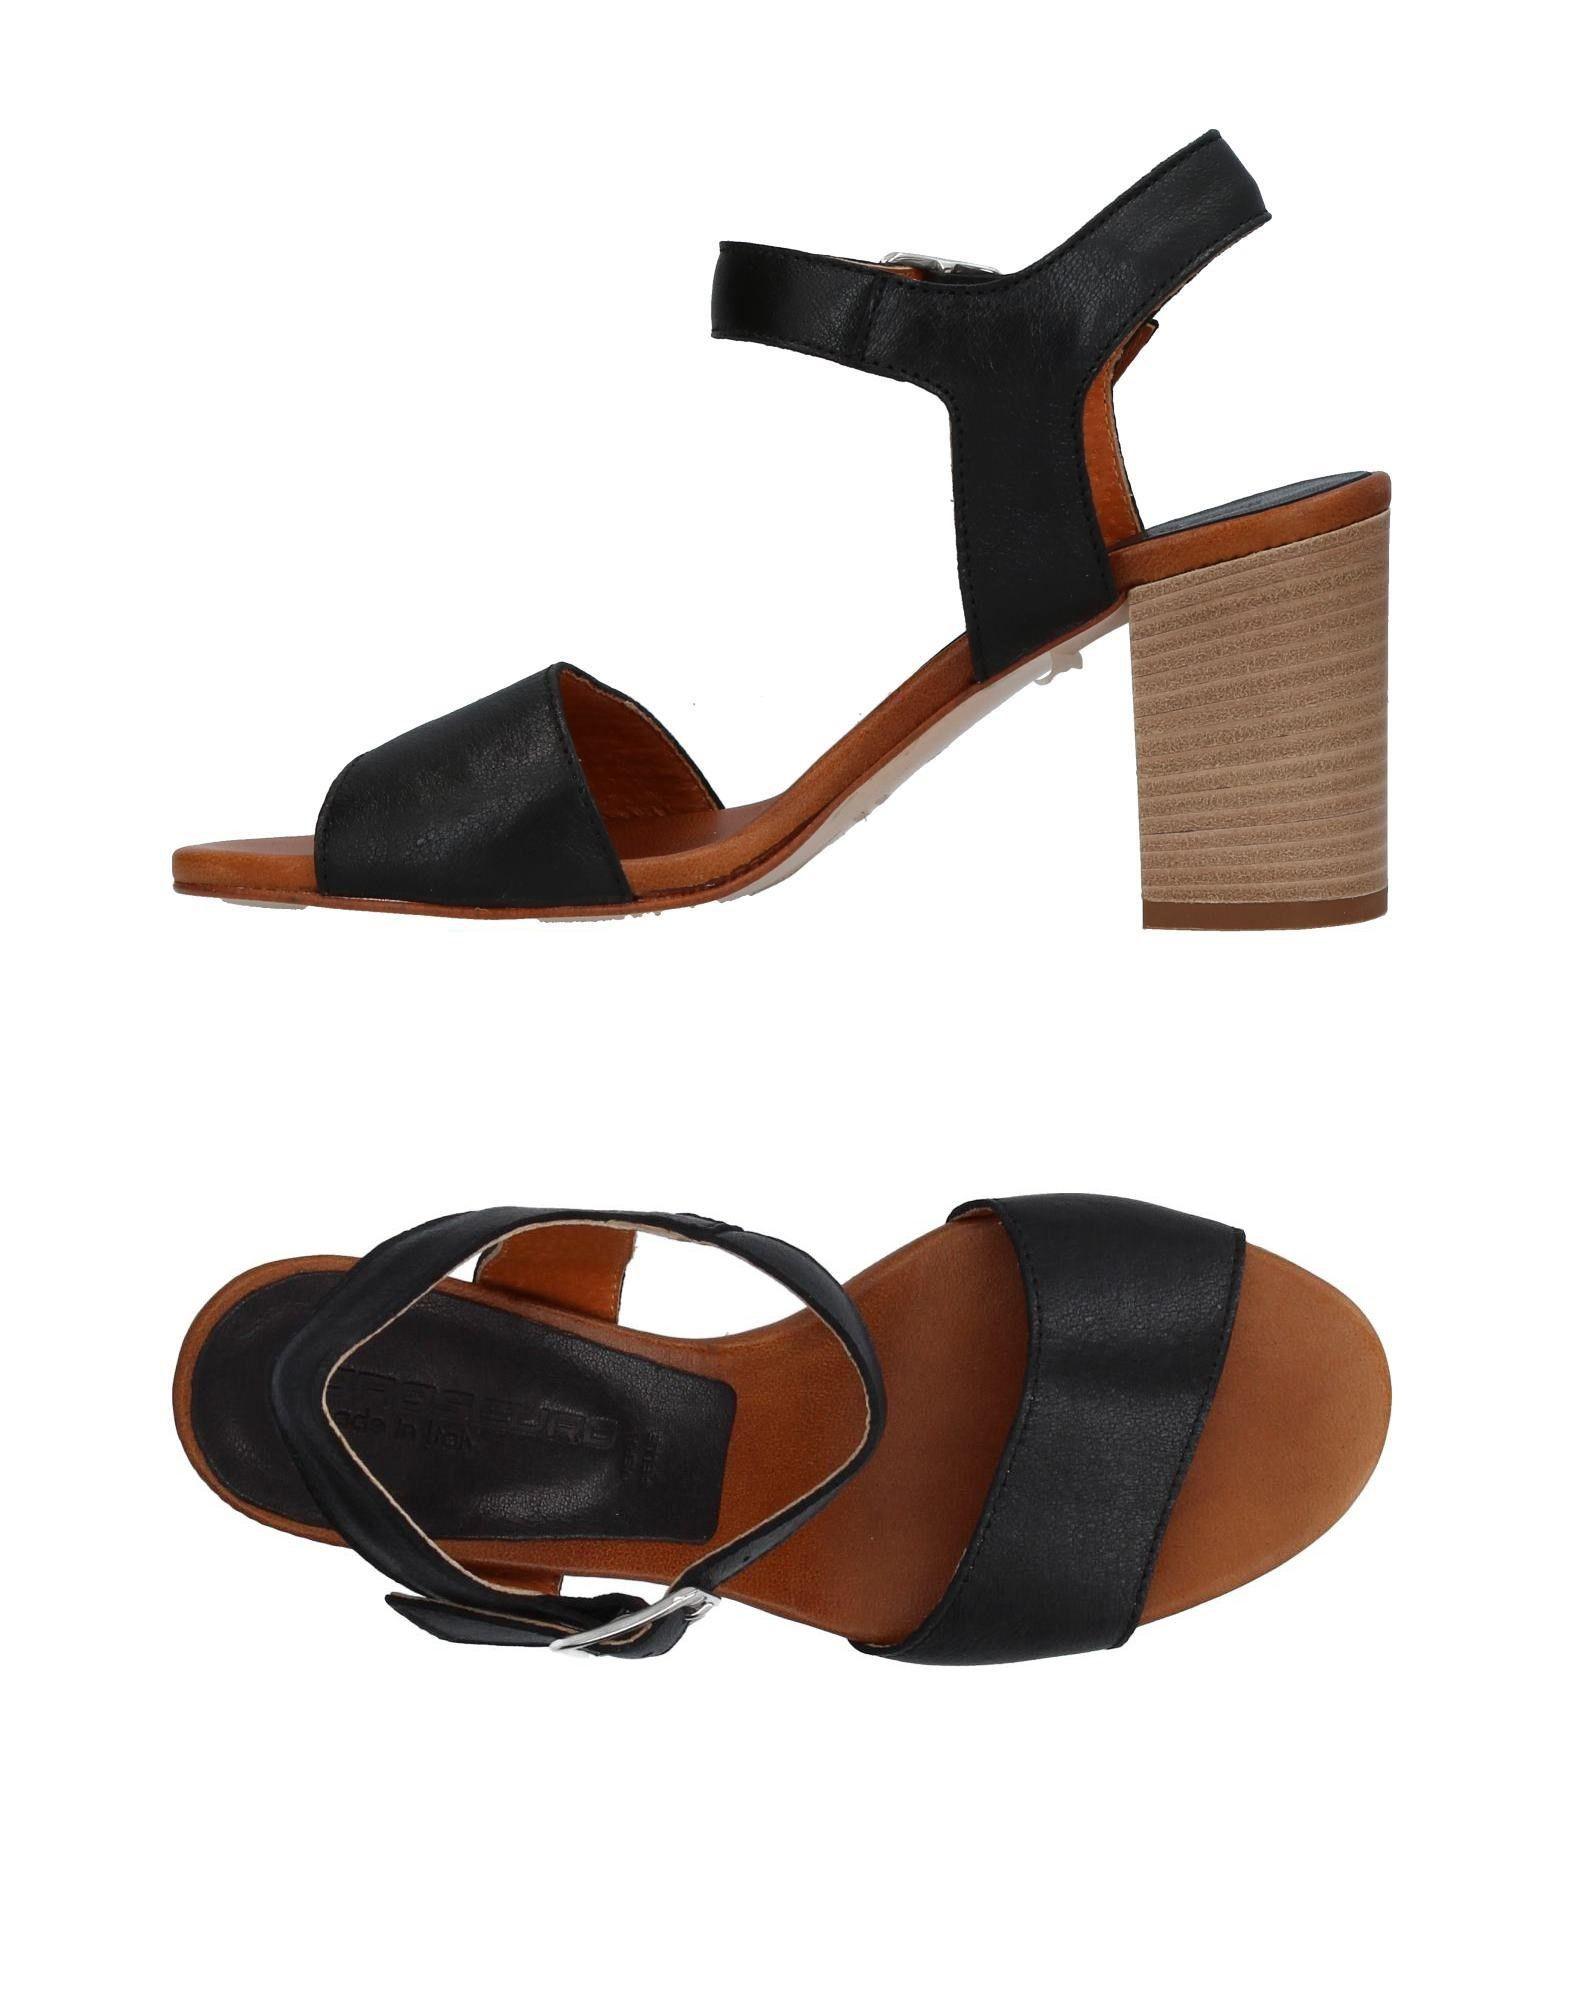 OROSCURO Damen Sandale Farbe Schwarz Größe 7 jetztbilligerkaufen